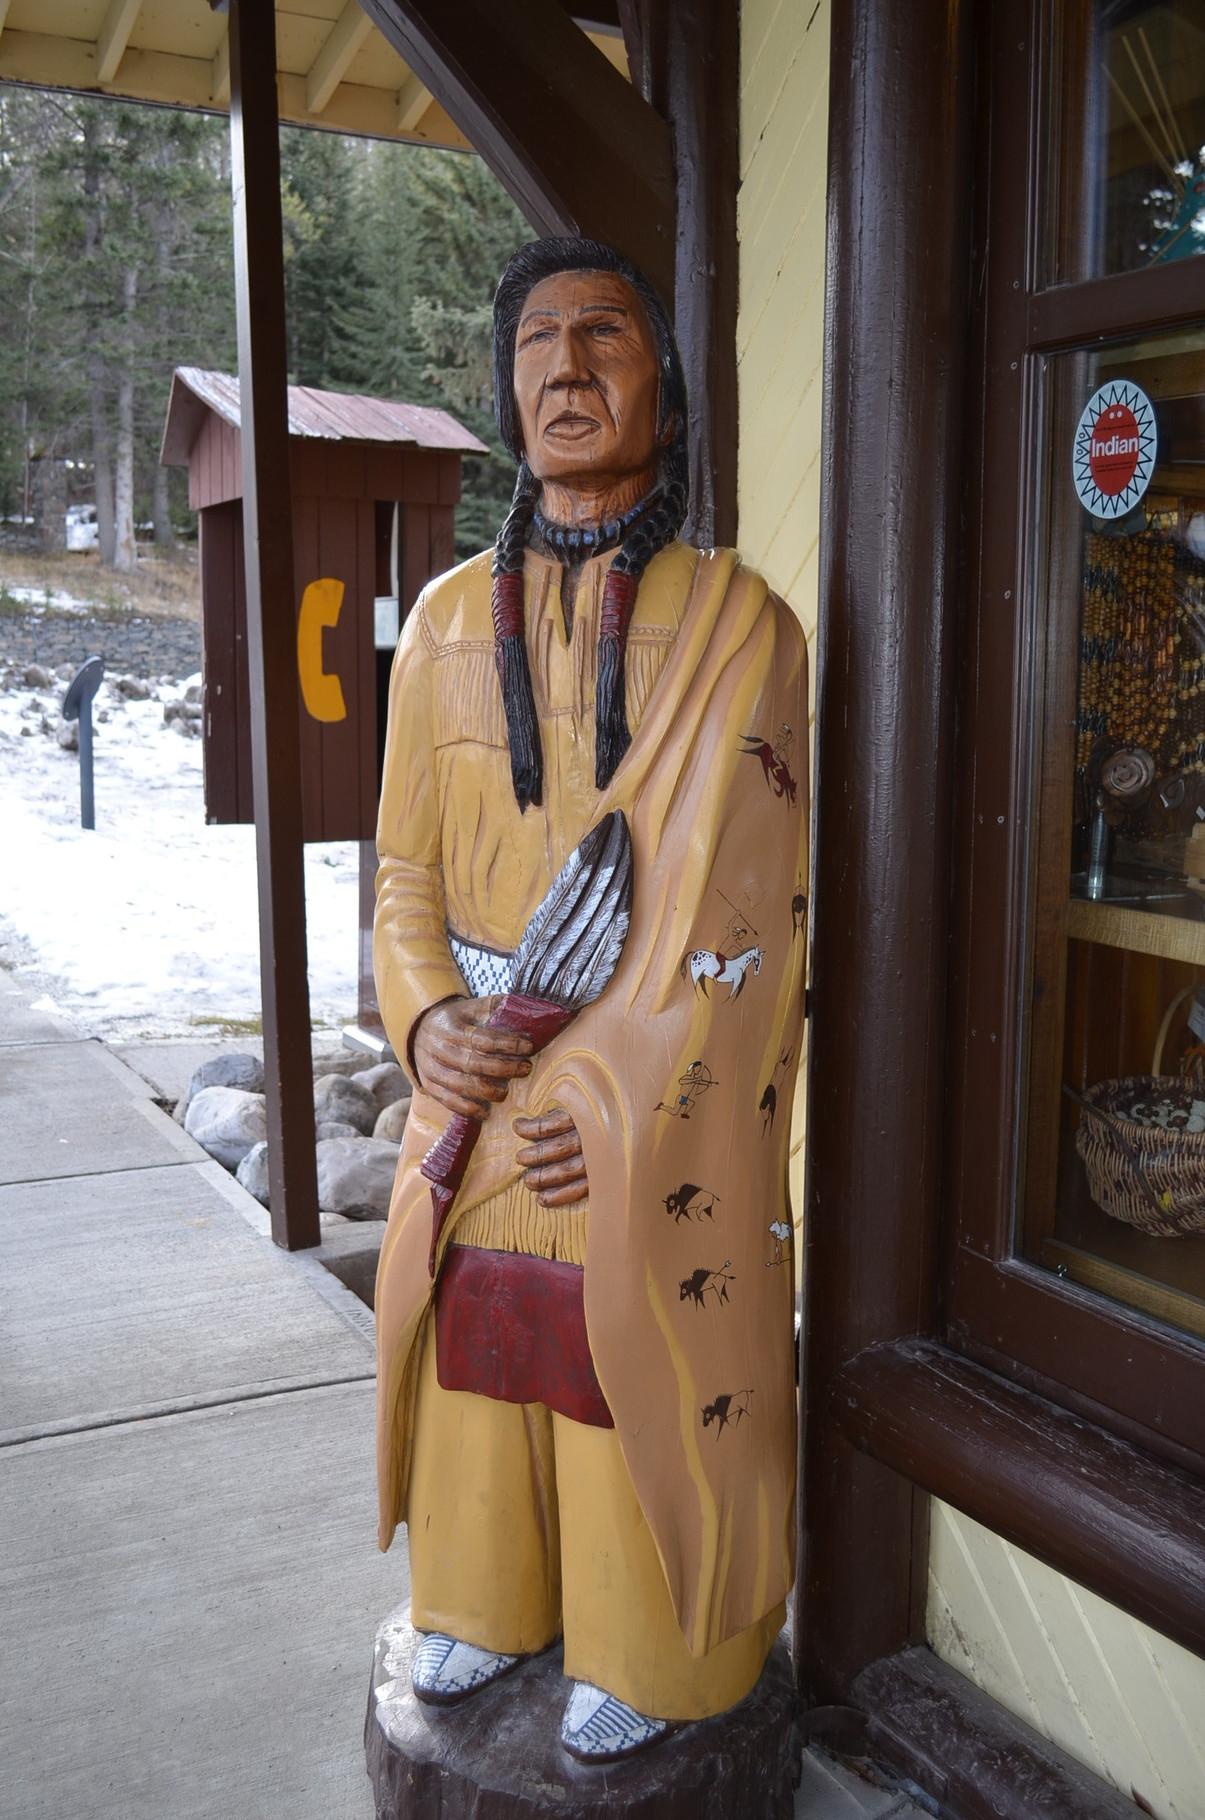 Ureinwohner Shop